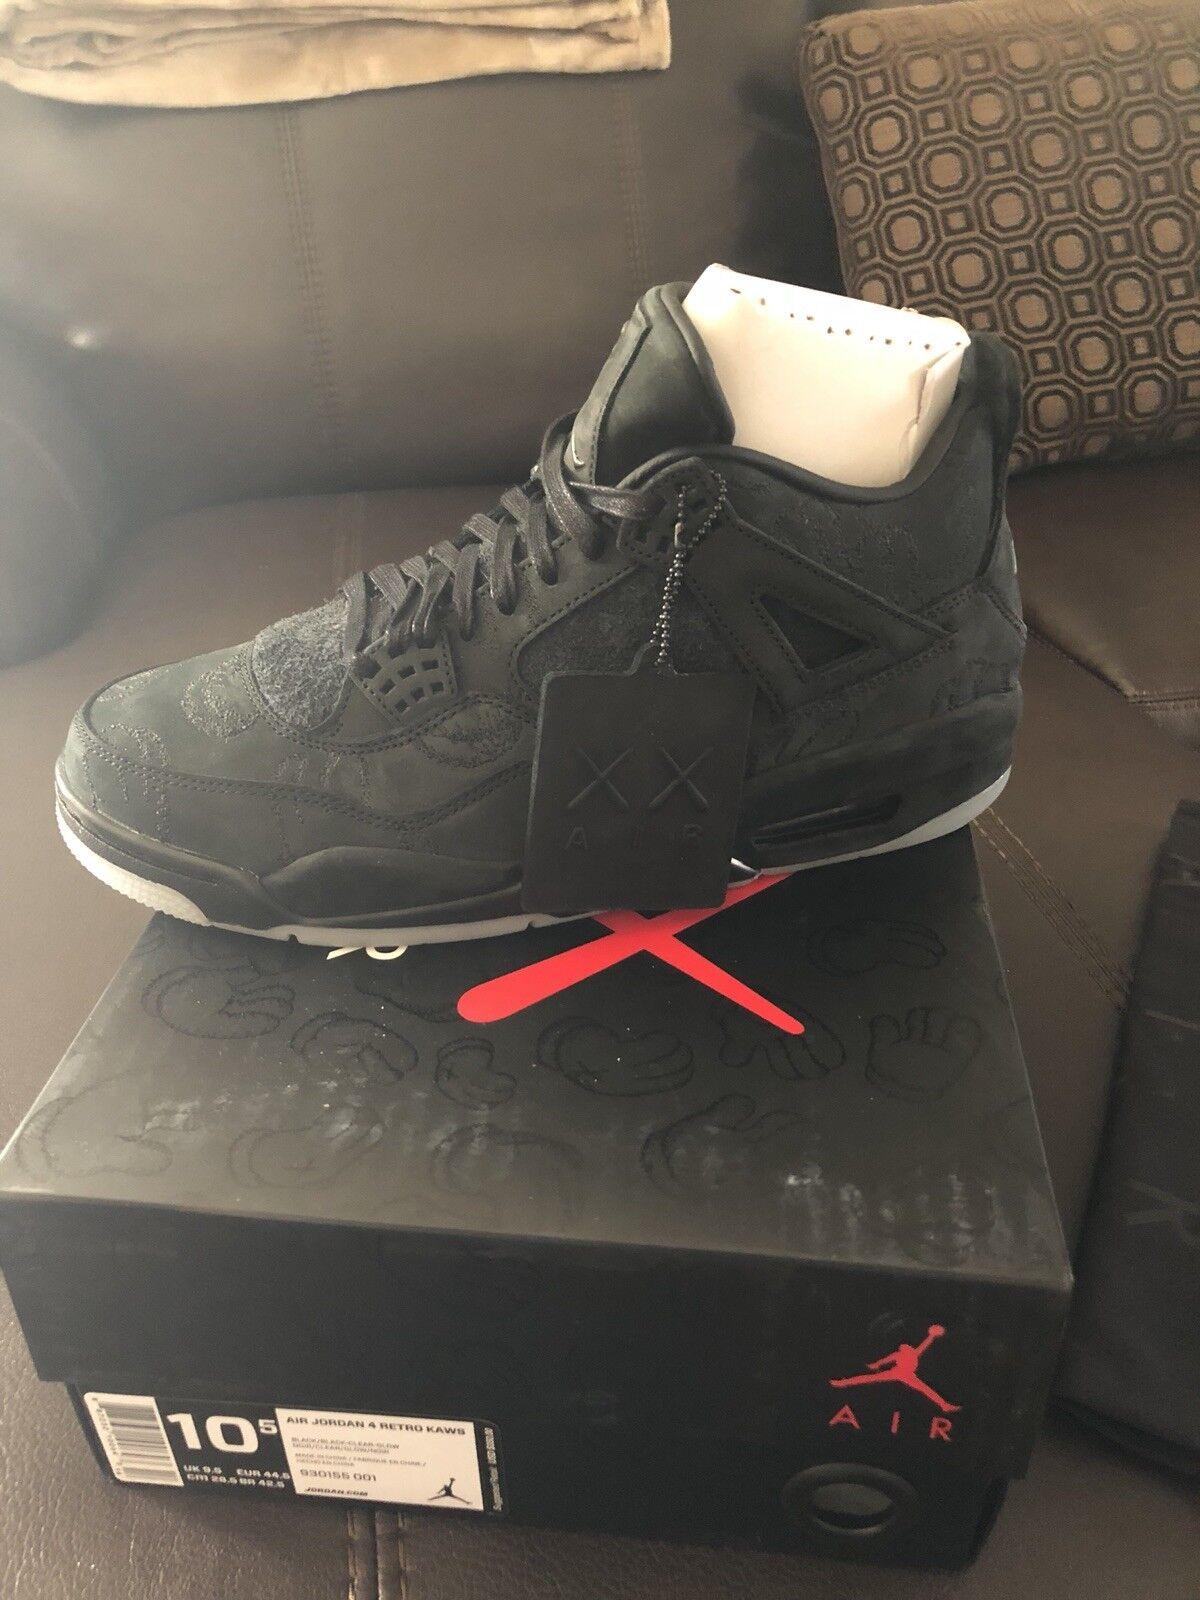 Jordan 4 Kaws Size 10.5